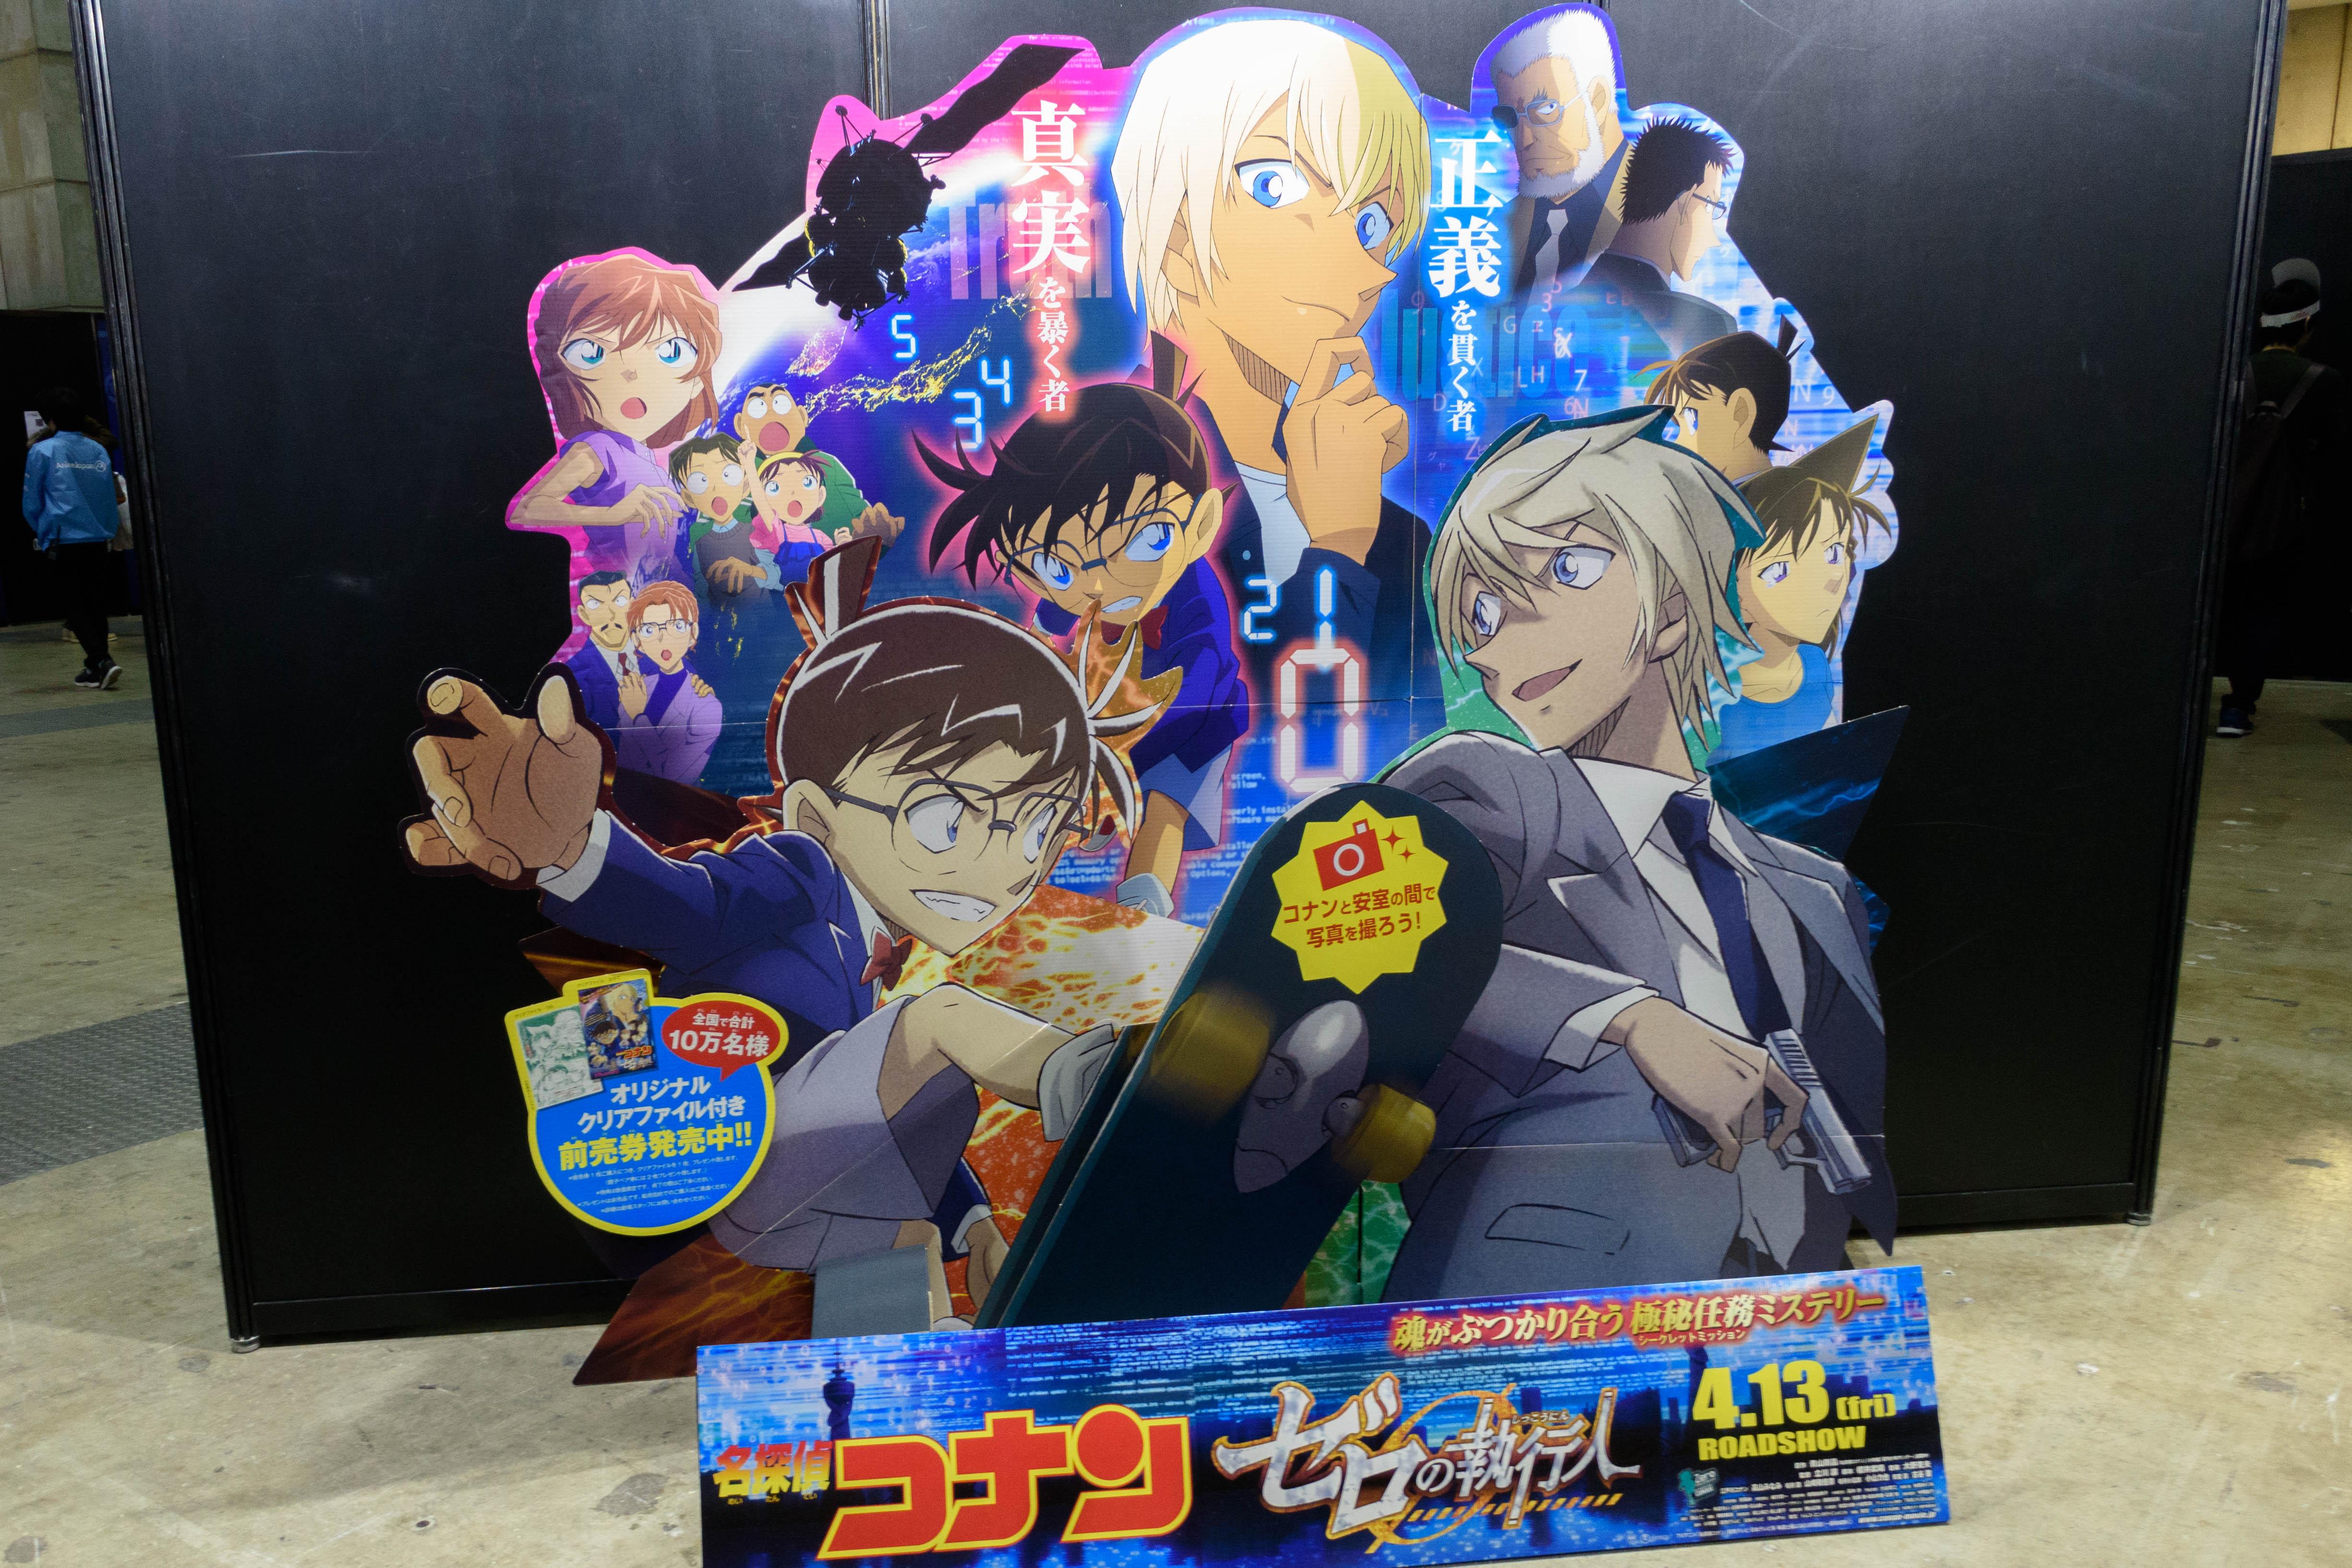 映画『名探偵コナン ゼロの執行人』ってどんなPR活動をするの?20180324【AnimeJapan 2018 Report】